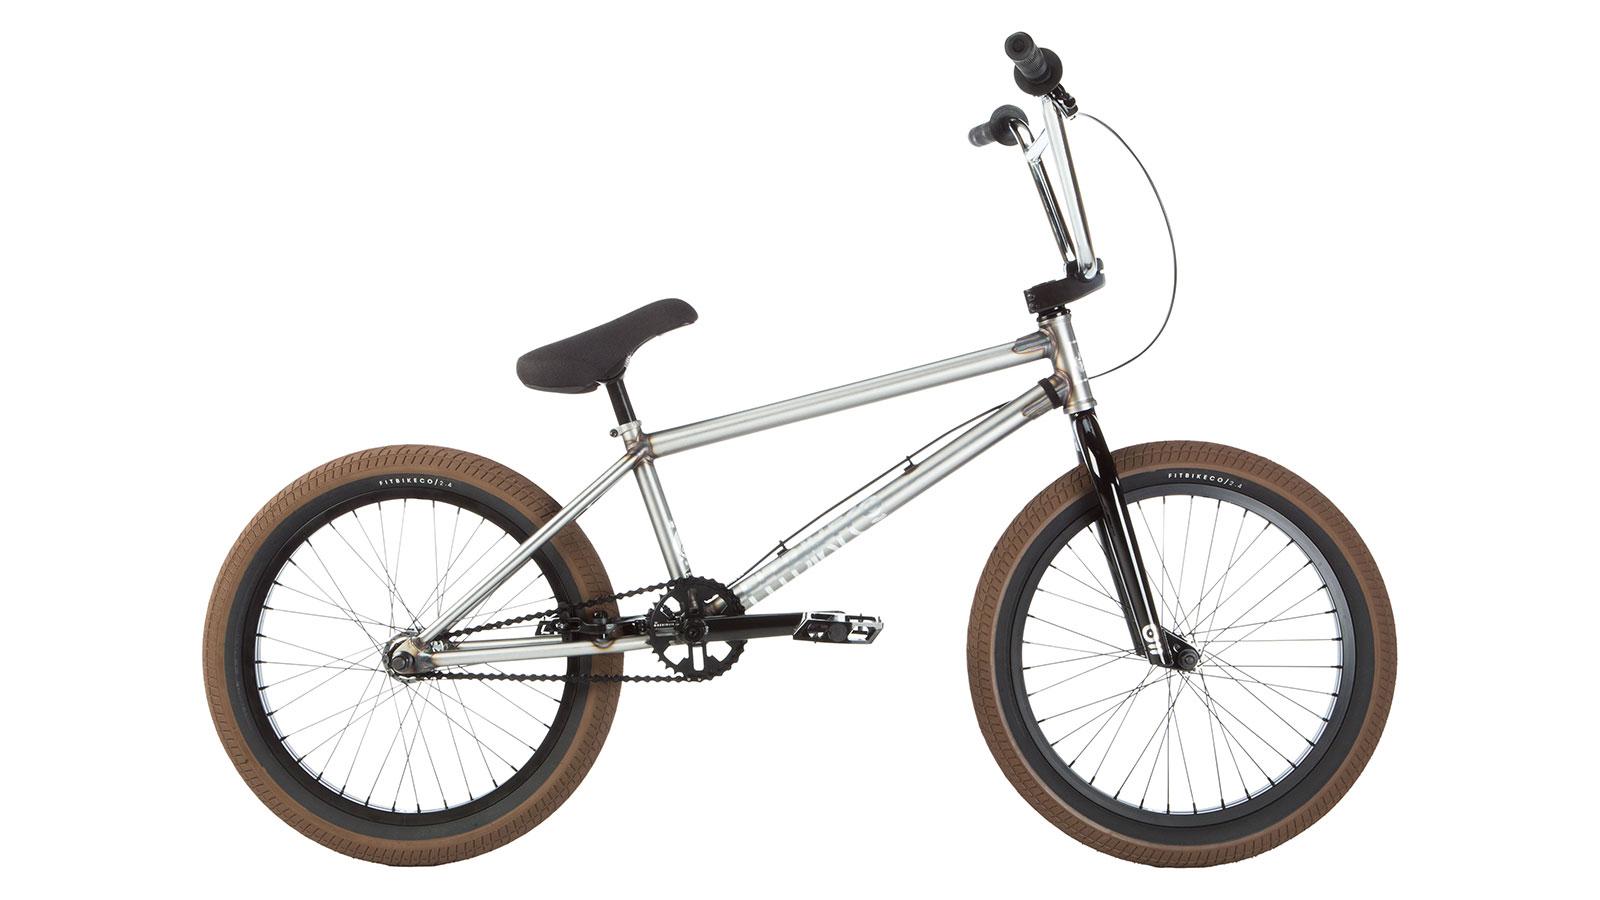 TRL-HARTI_Bike_Angle_03_Clr